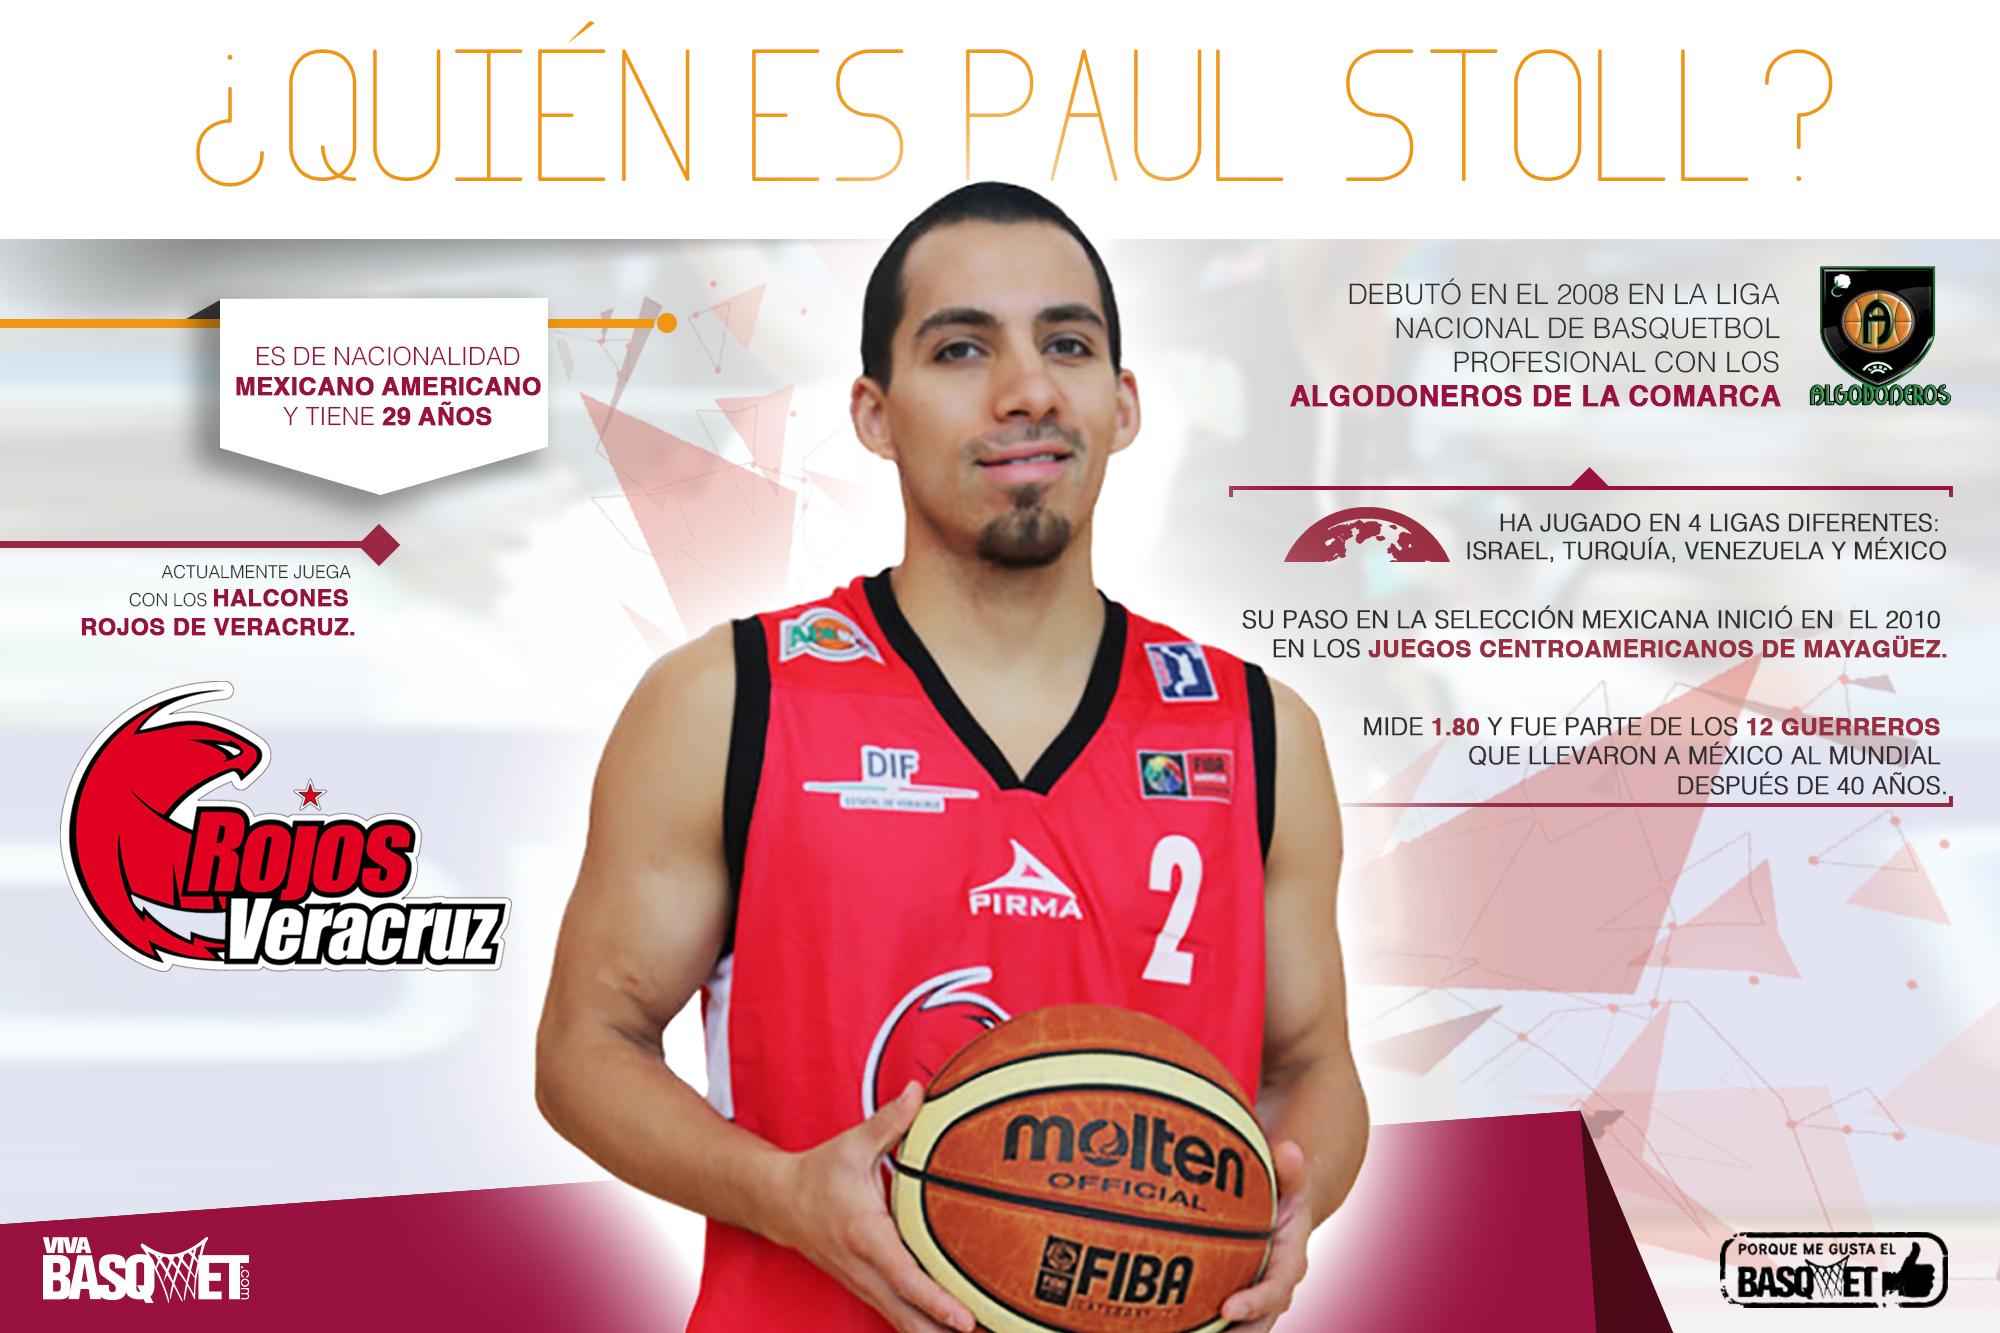 ¿Quién es Paul Stoll? por Viva Basquet.